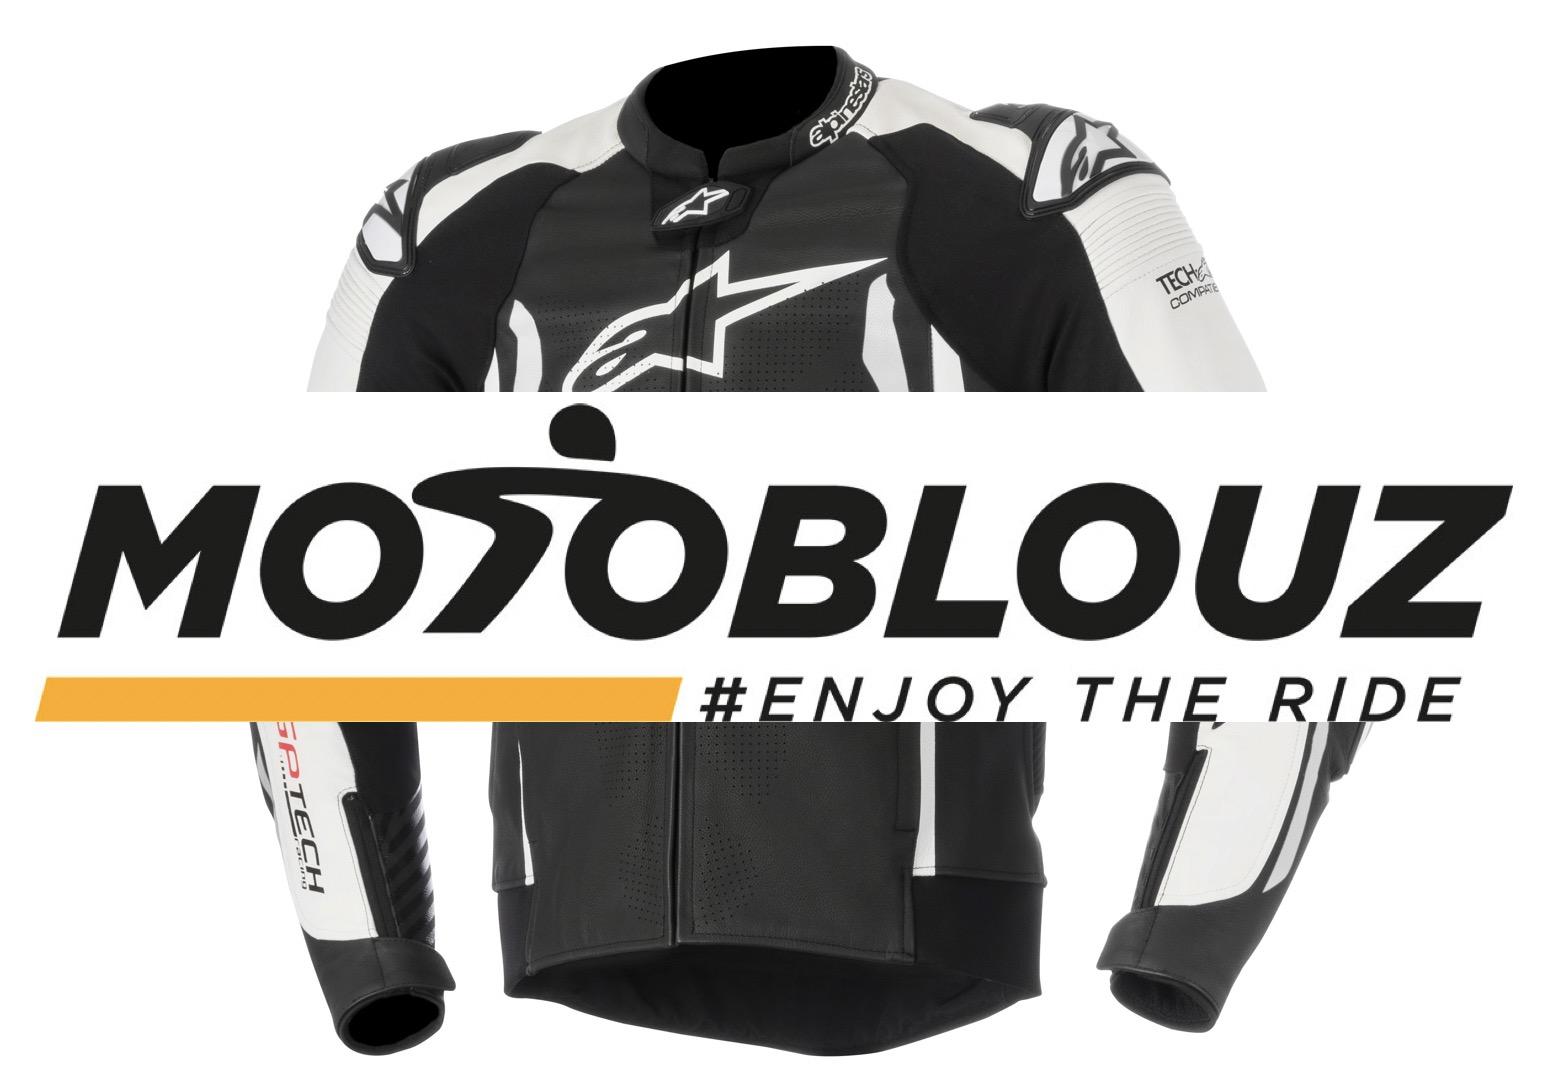 Code promo Motoblouz : -15€ dès 129€, -40€ dès 259€, -60€ dès 399€ ou -100€ dès 599€ sur une sélection de blousons moto